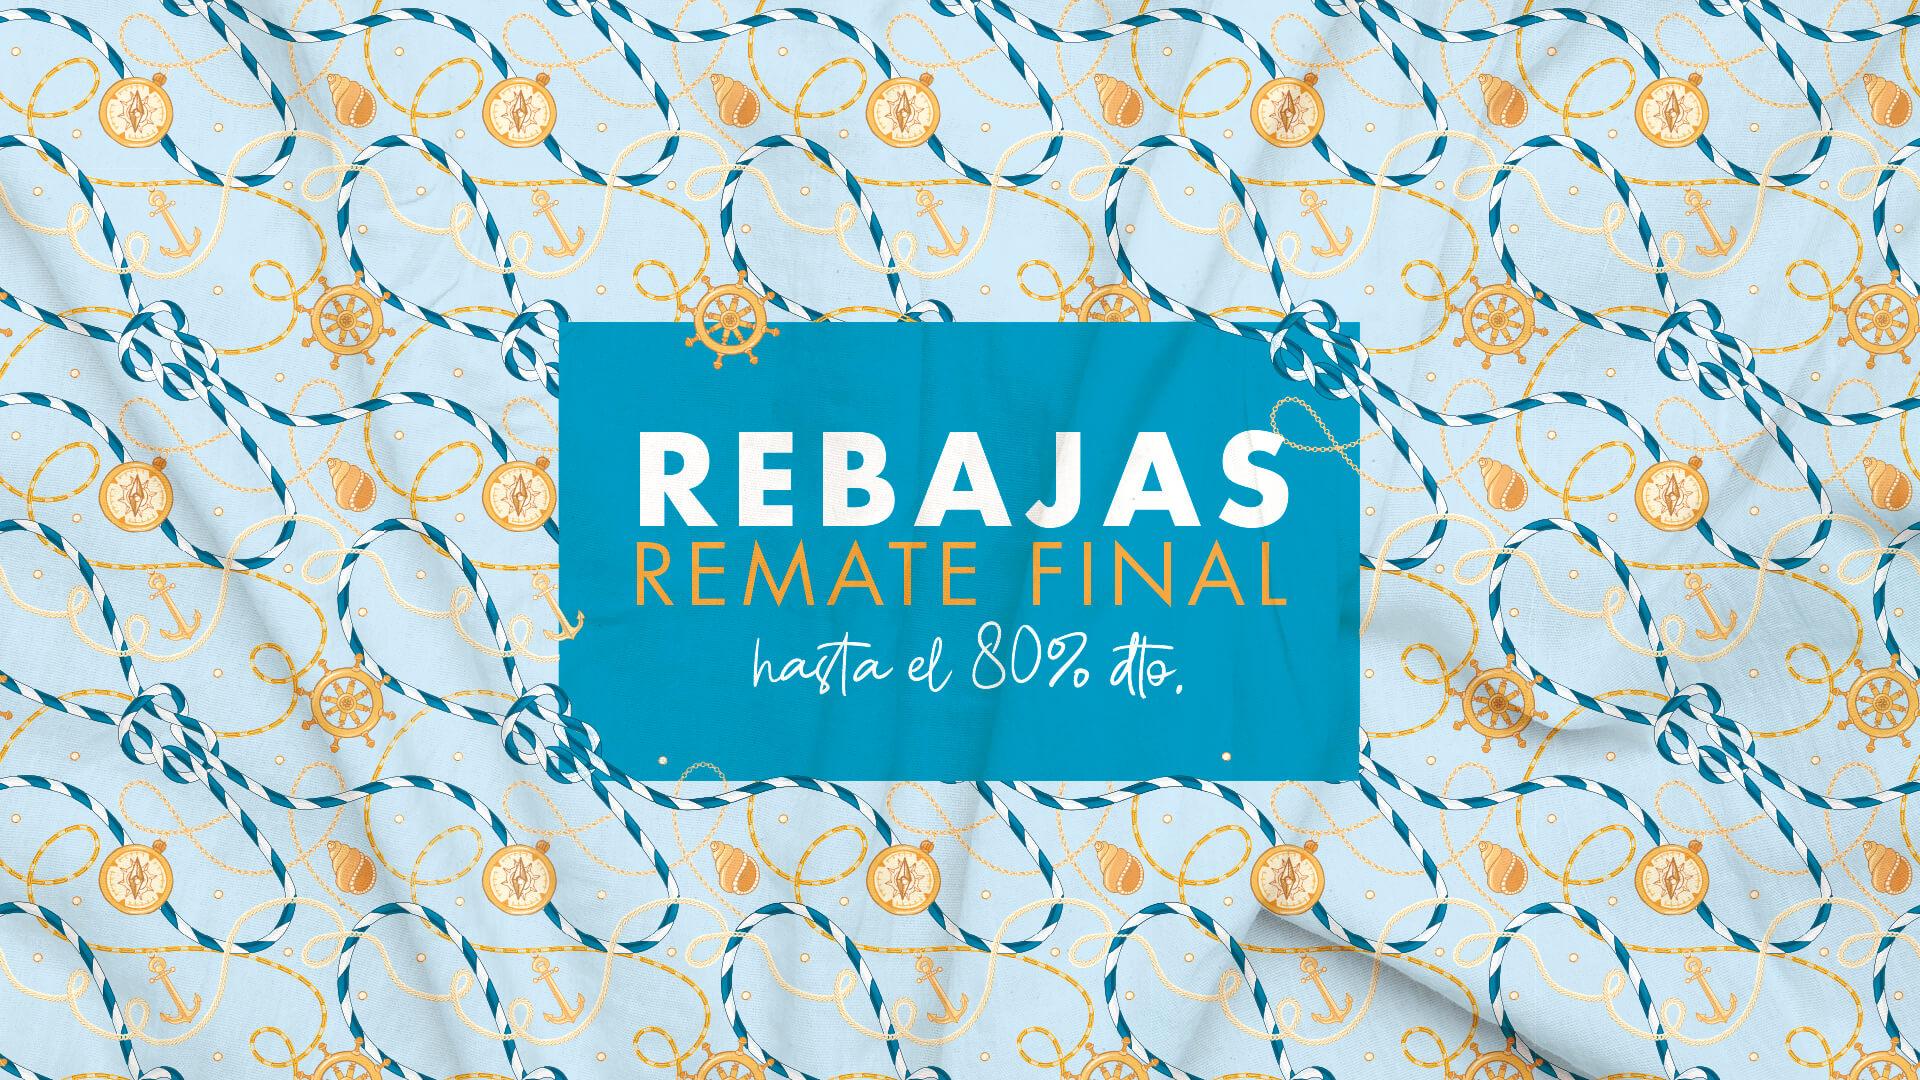 Remate Rebajas Gráfica